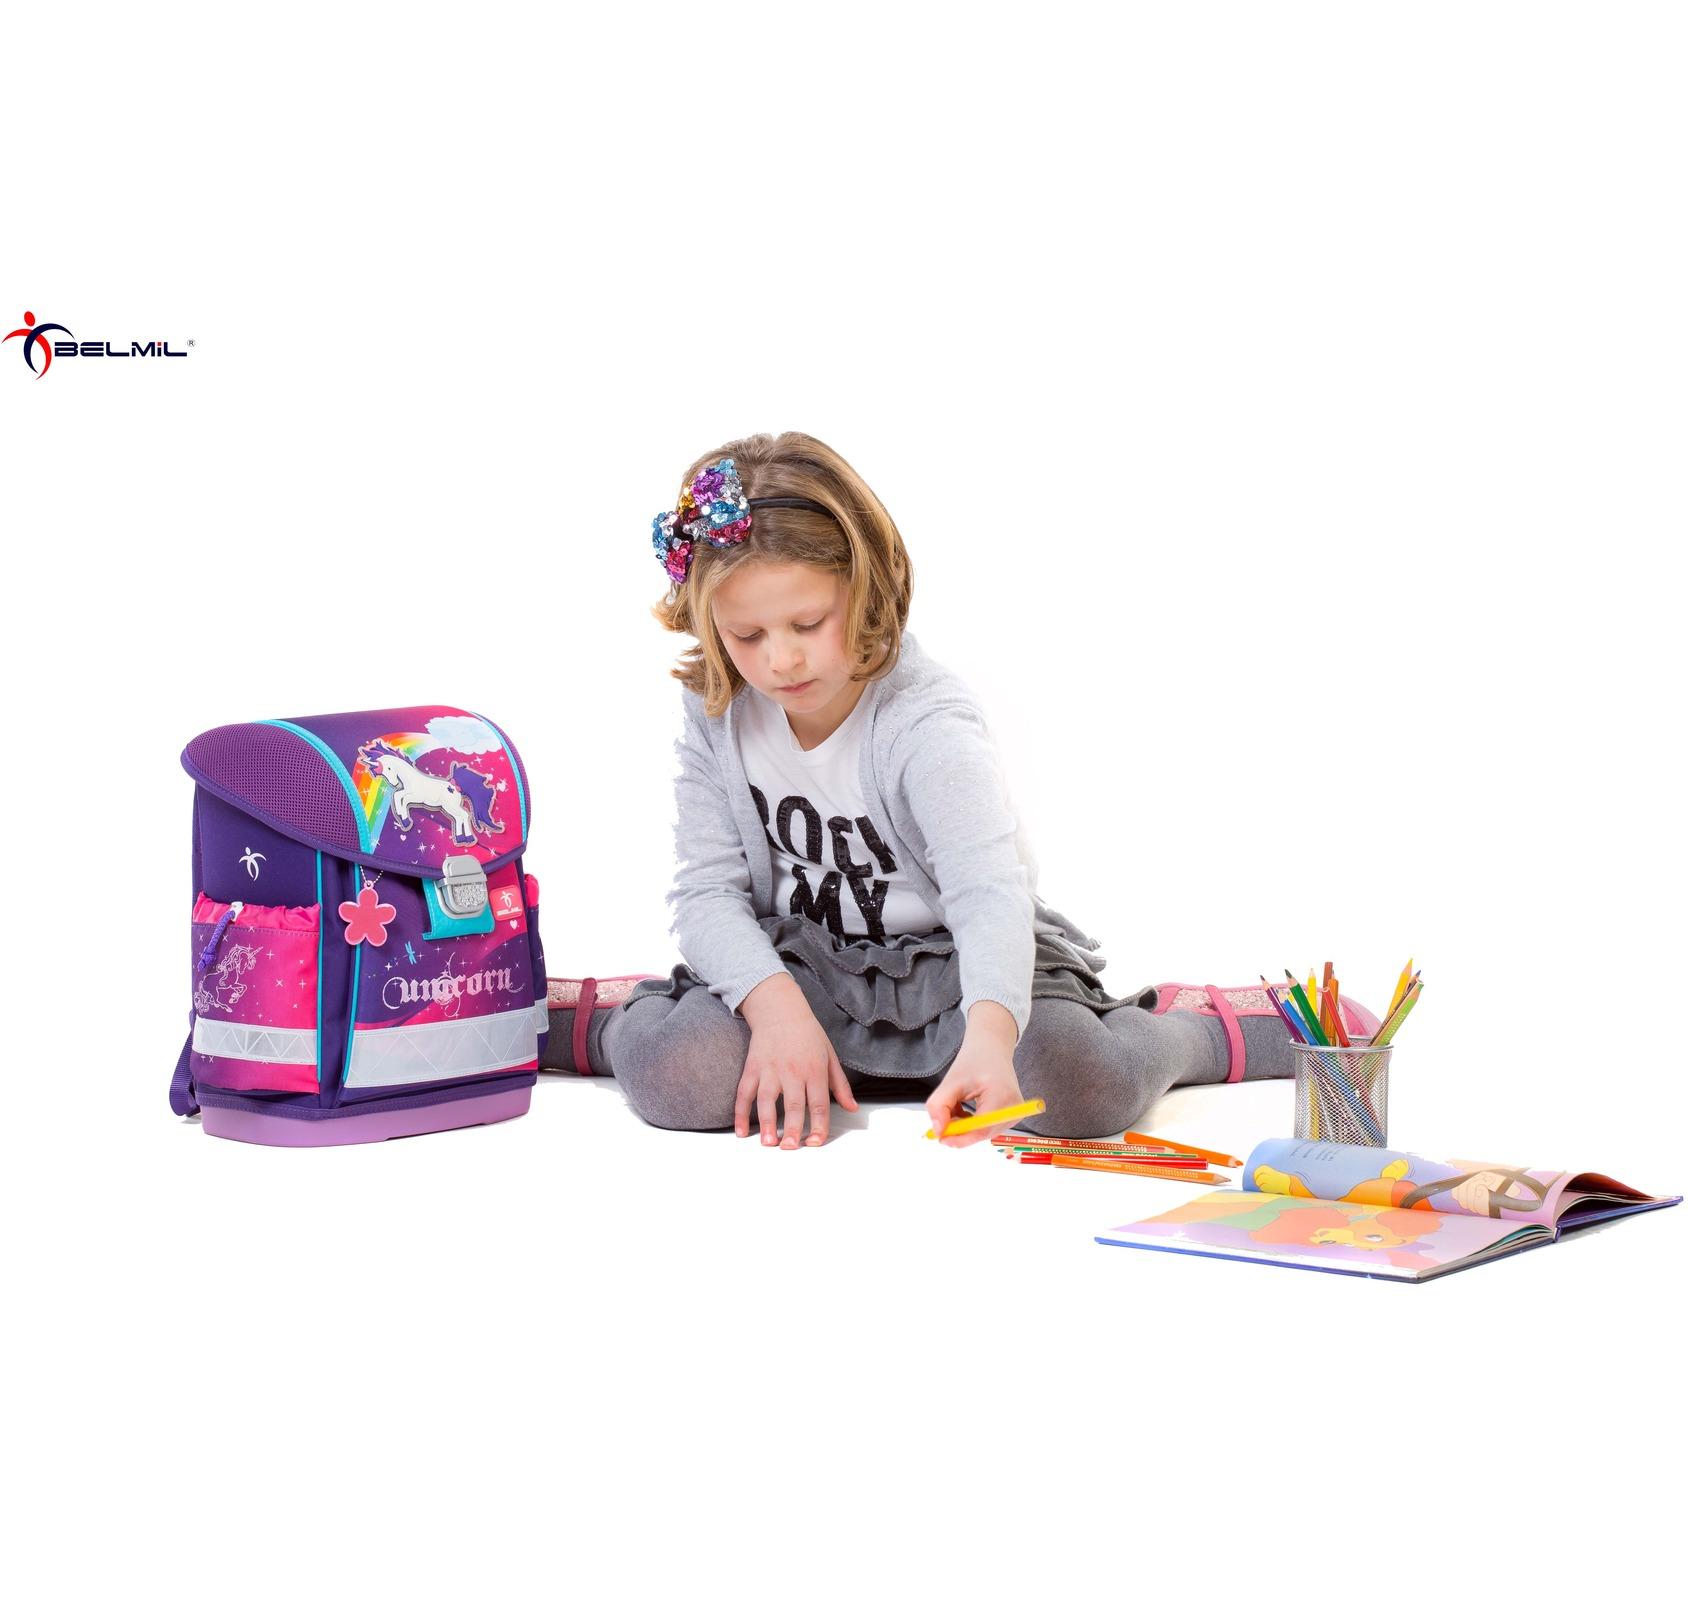 Школьный ранец Belmil 403 13 Magical - Фиолетовый единорог, - фото 10